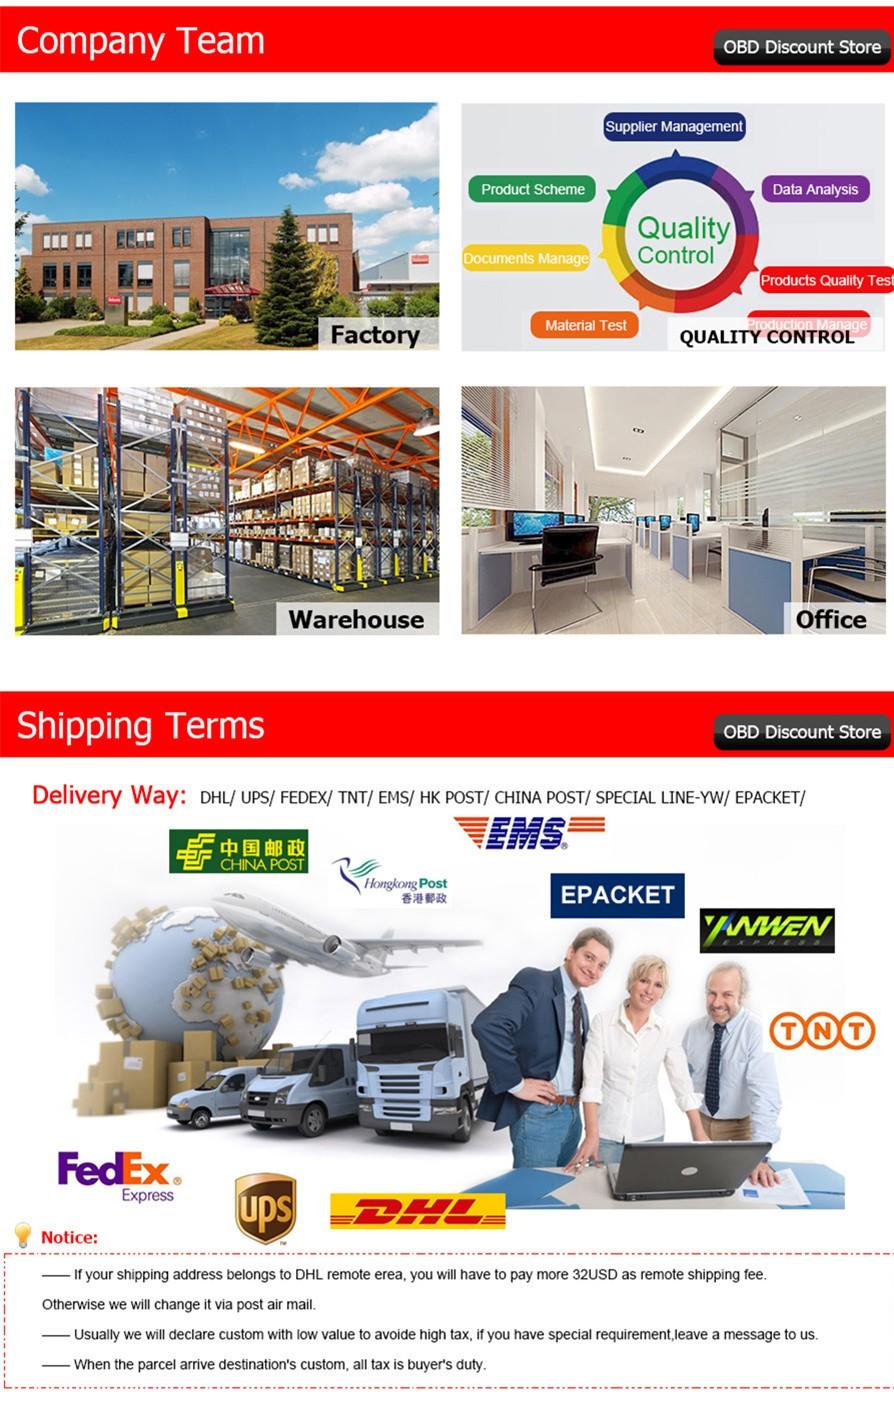 OBD-Discount-Store01_a_1